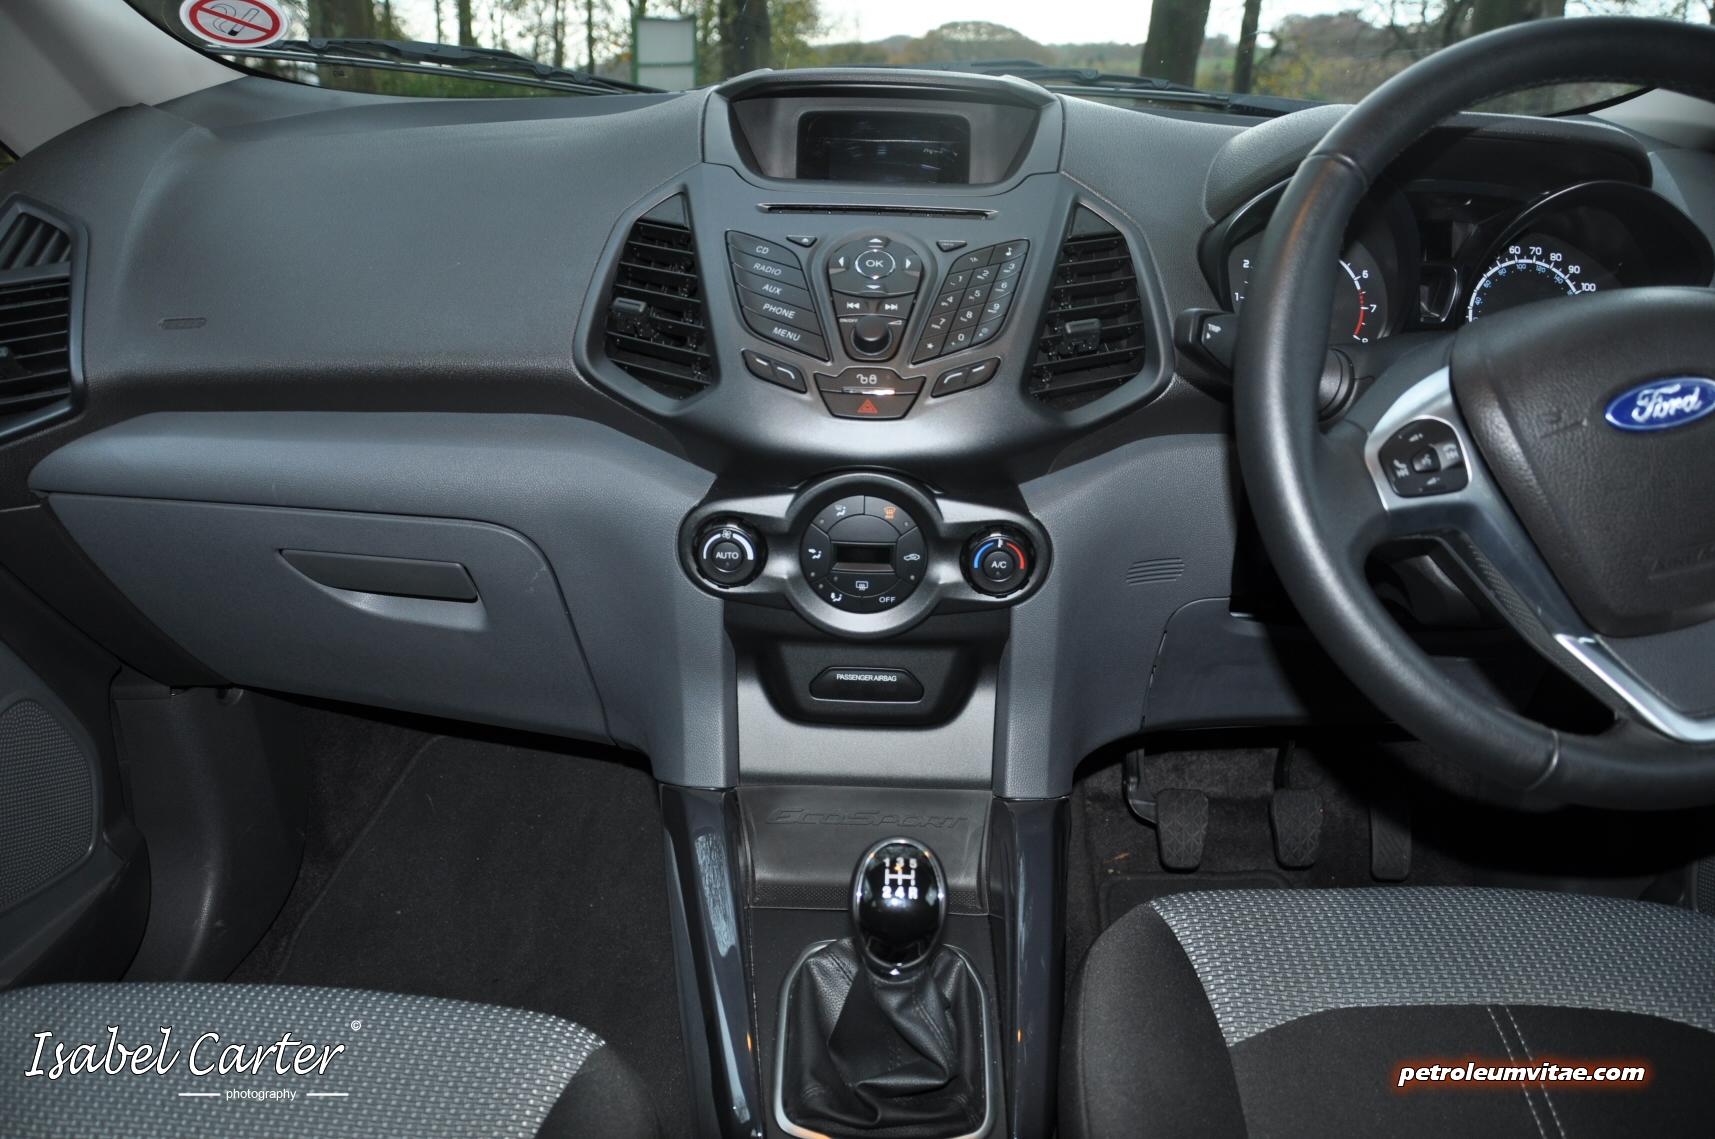 Ford Ecosport Interior >> Ford EcoSport Titanium 1.0 EcoBoost – Full Road Test Review « Petroleum Vitae